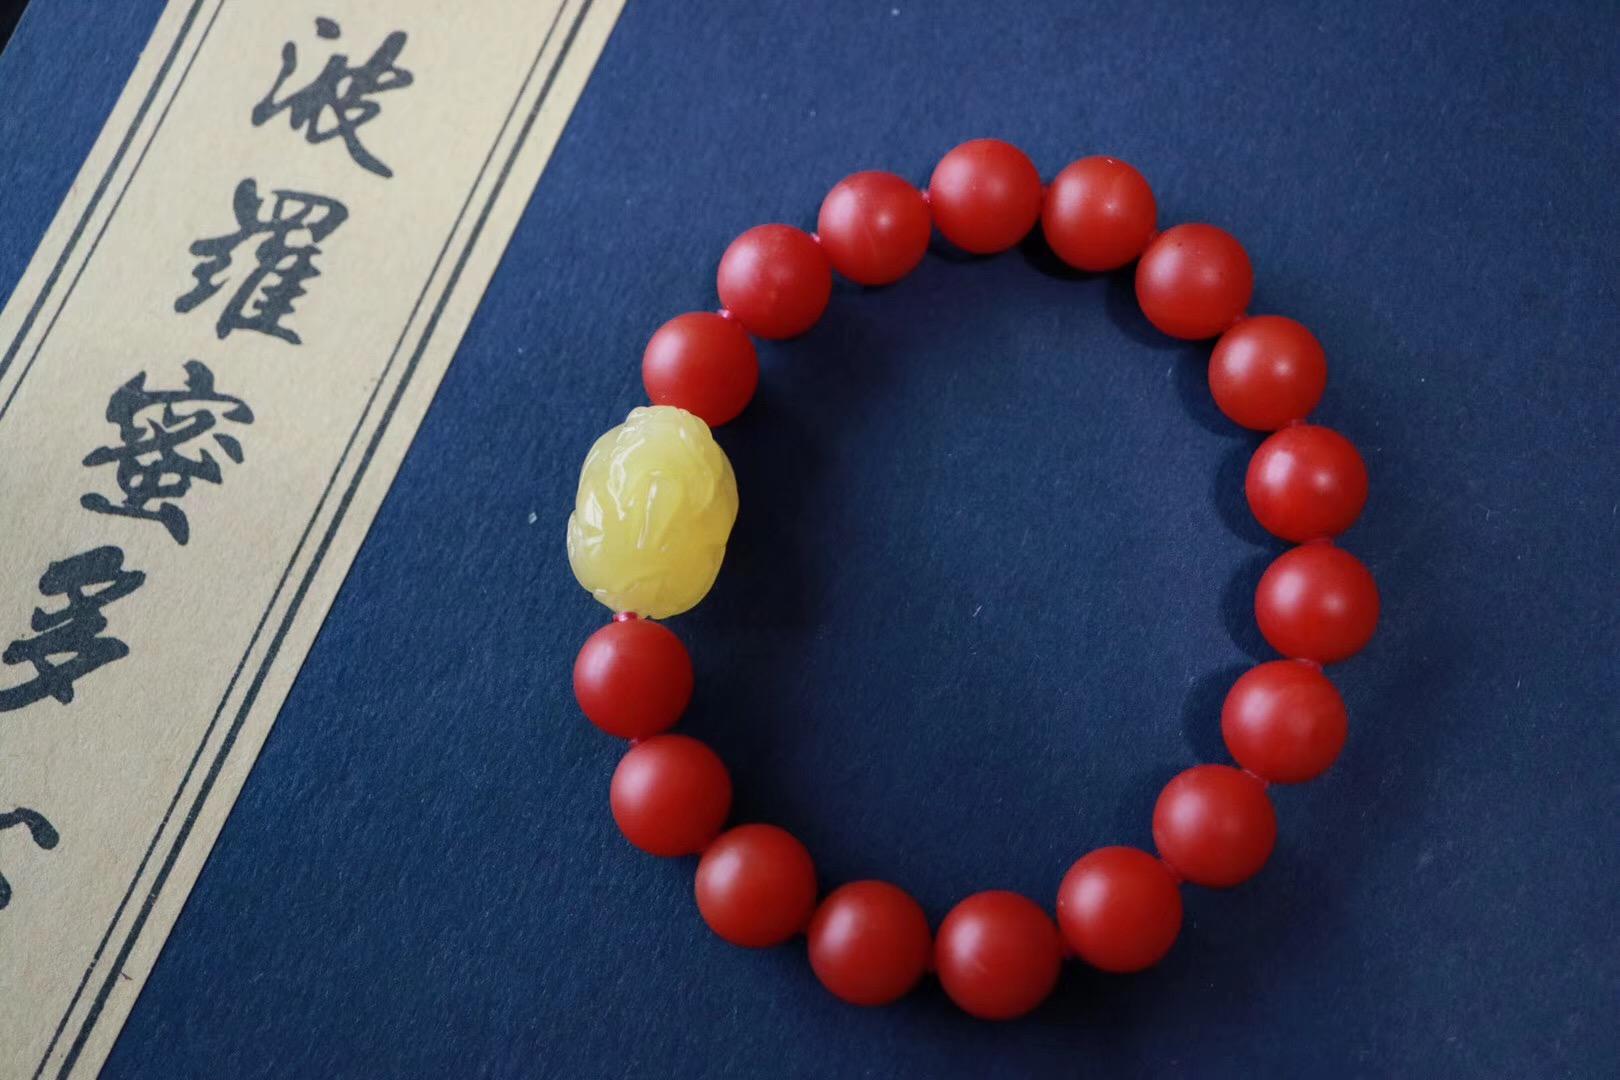 【菩心南红玛瑙 | 蜜蜡貔貅】女人的美,也需要美物来配-菩心晶舍